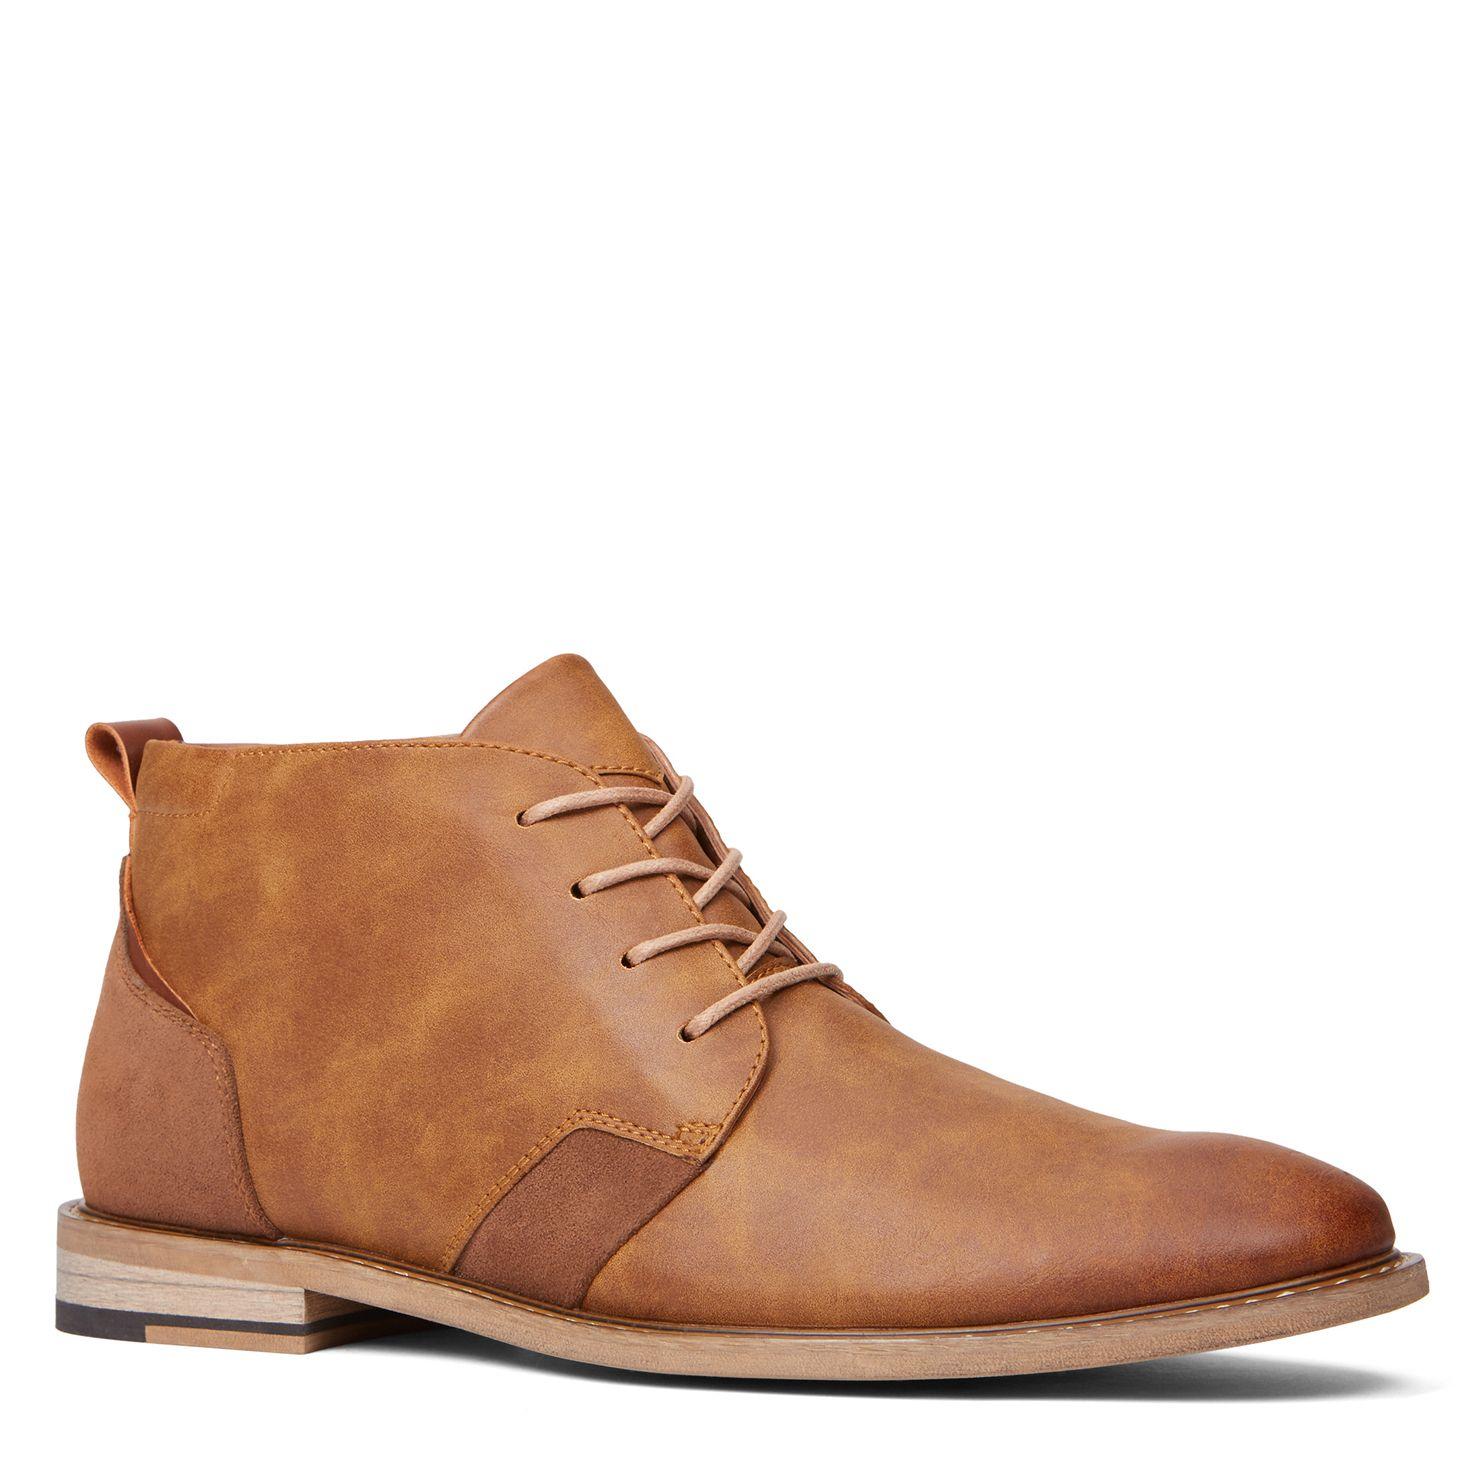 Alaosien by Globo Shoes